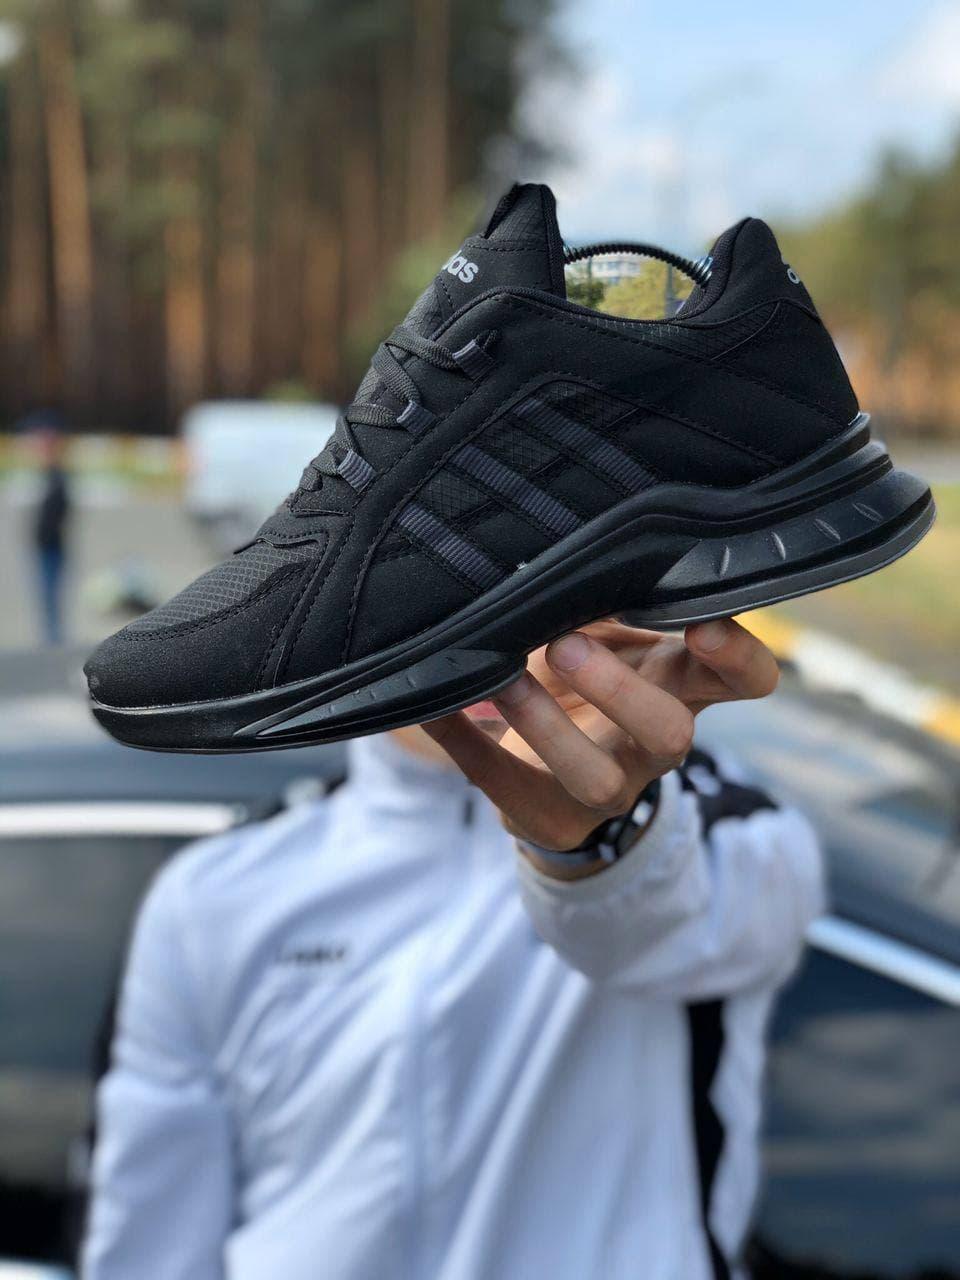 Мужские кроссовки Adid@s  ZX Осень , черные 40-44 замш, текстиль